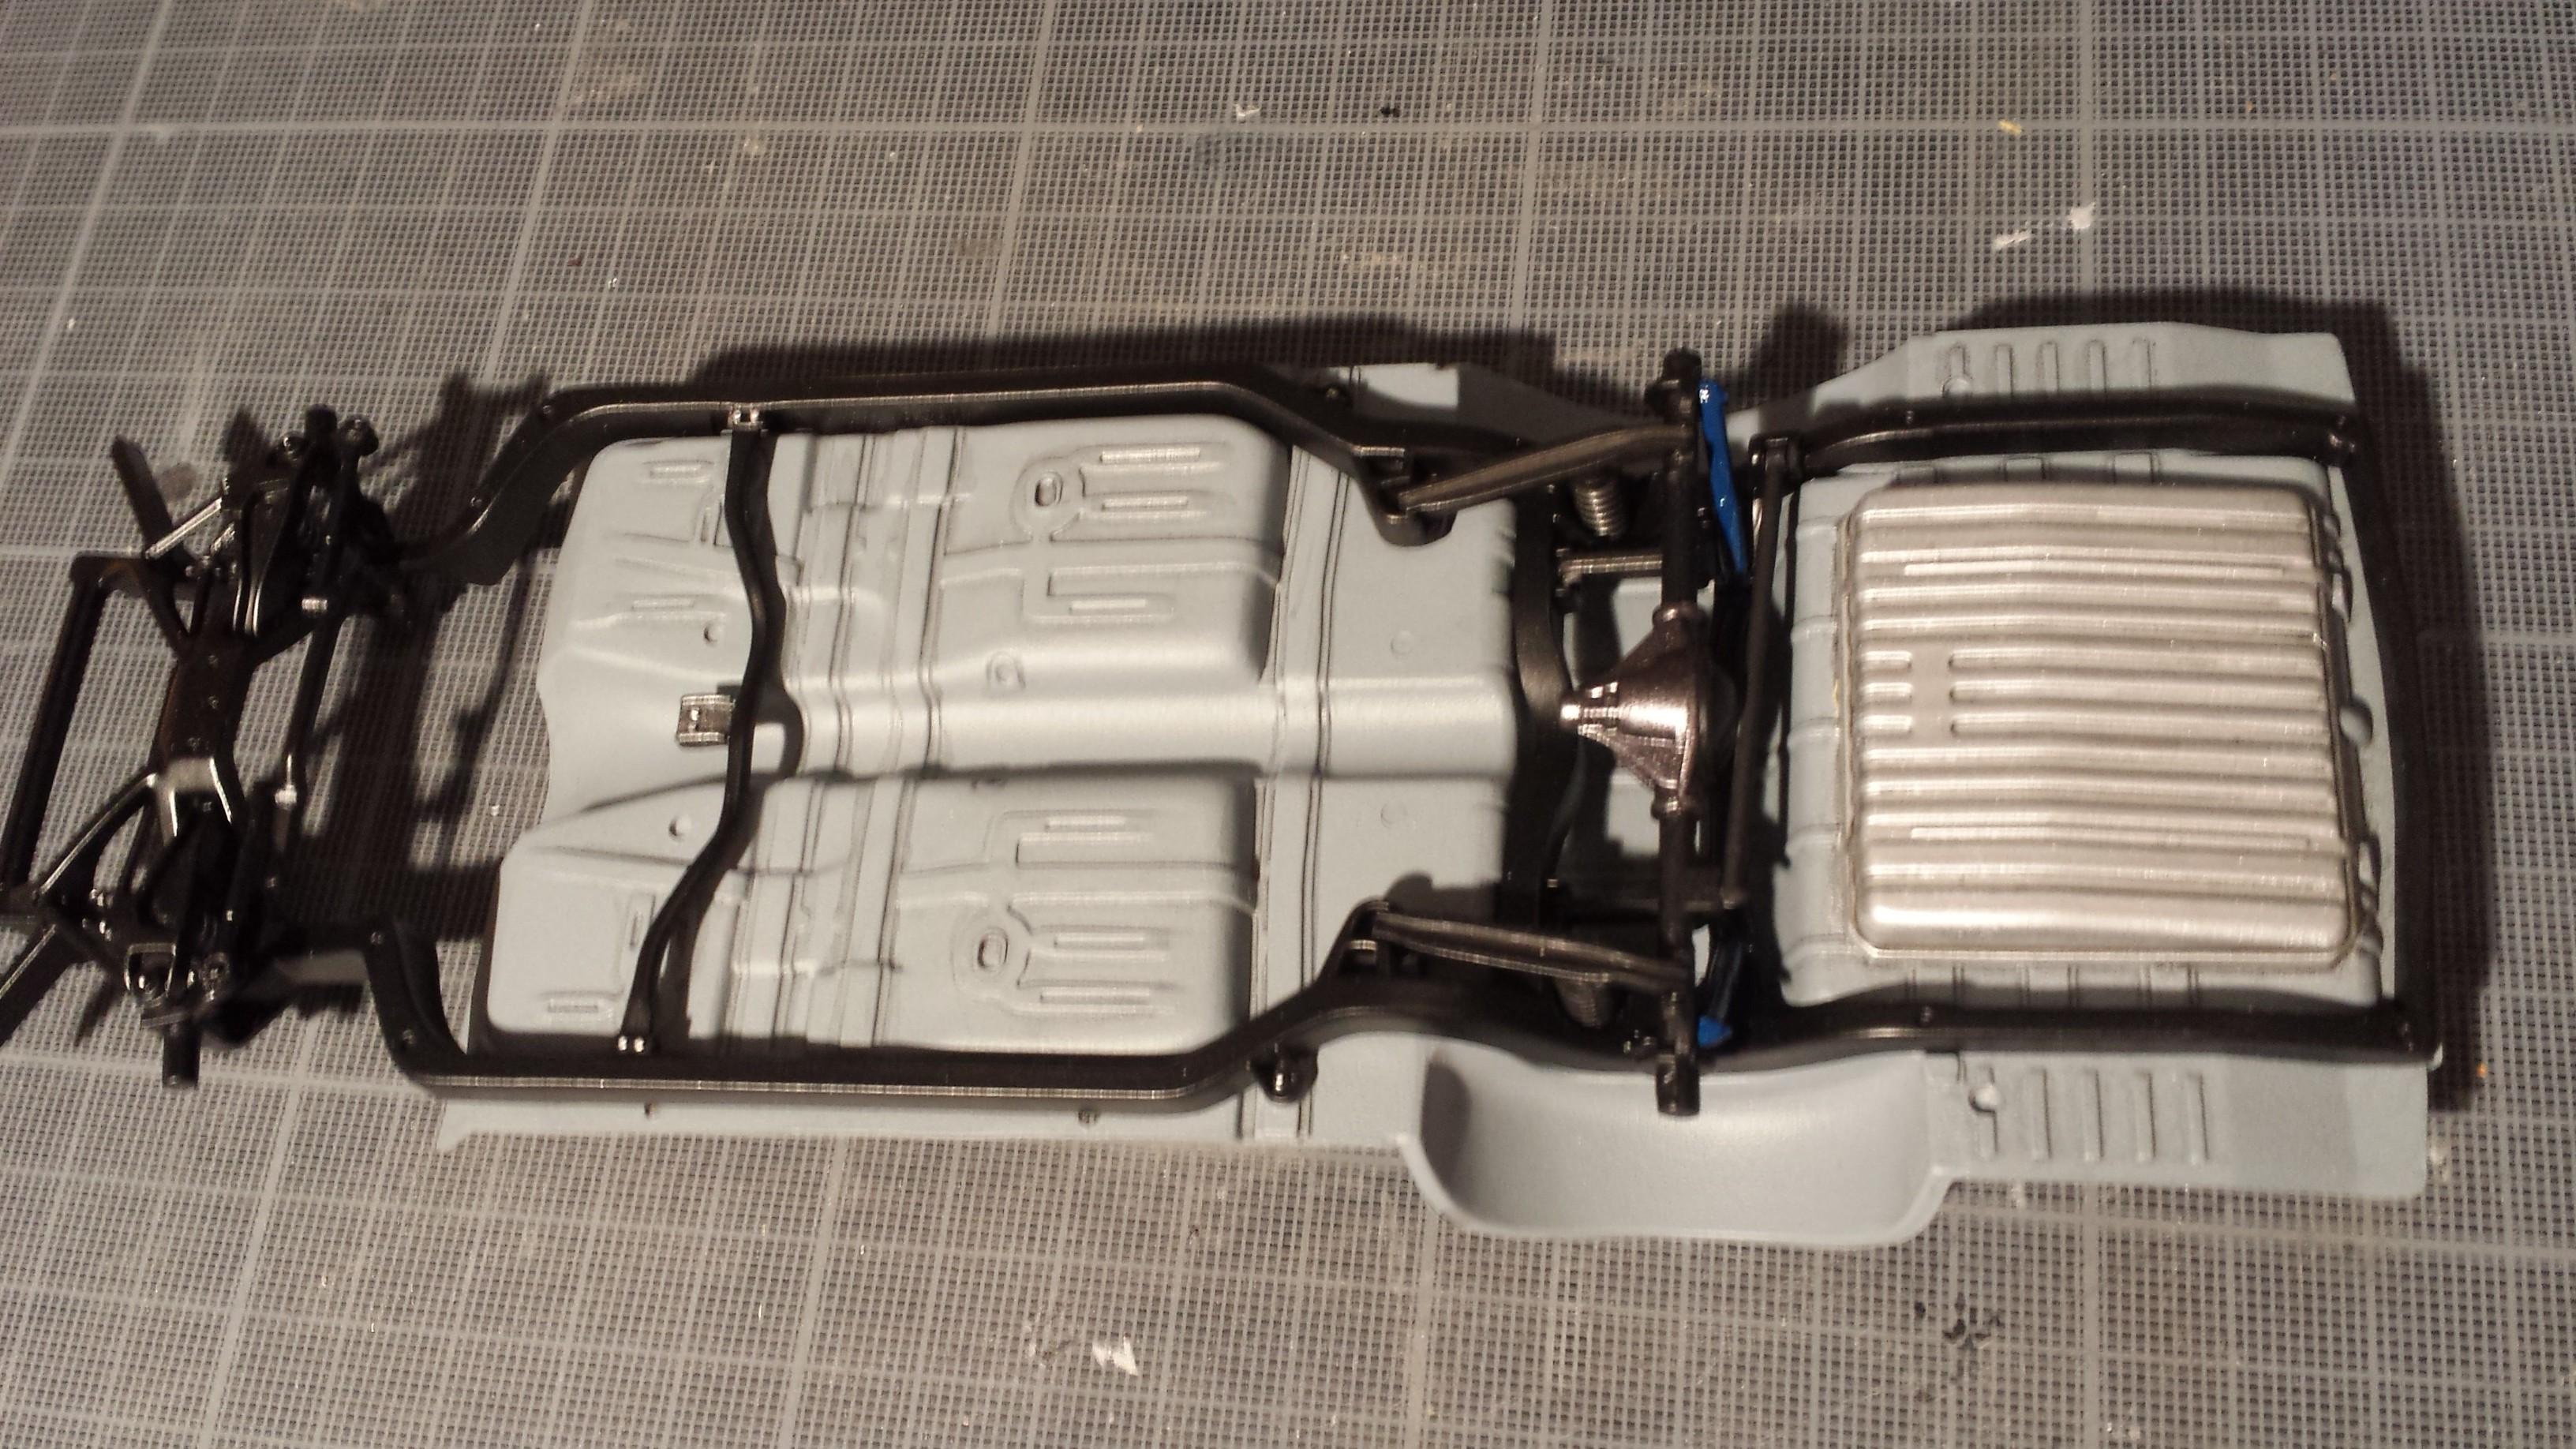 impala SS '67 8188b6